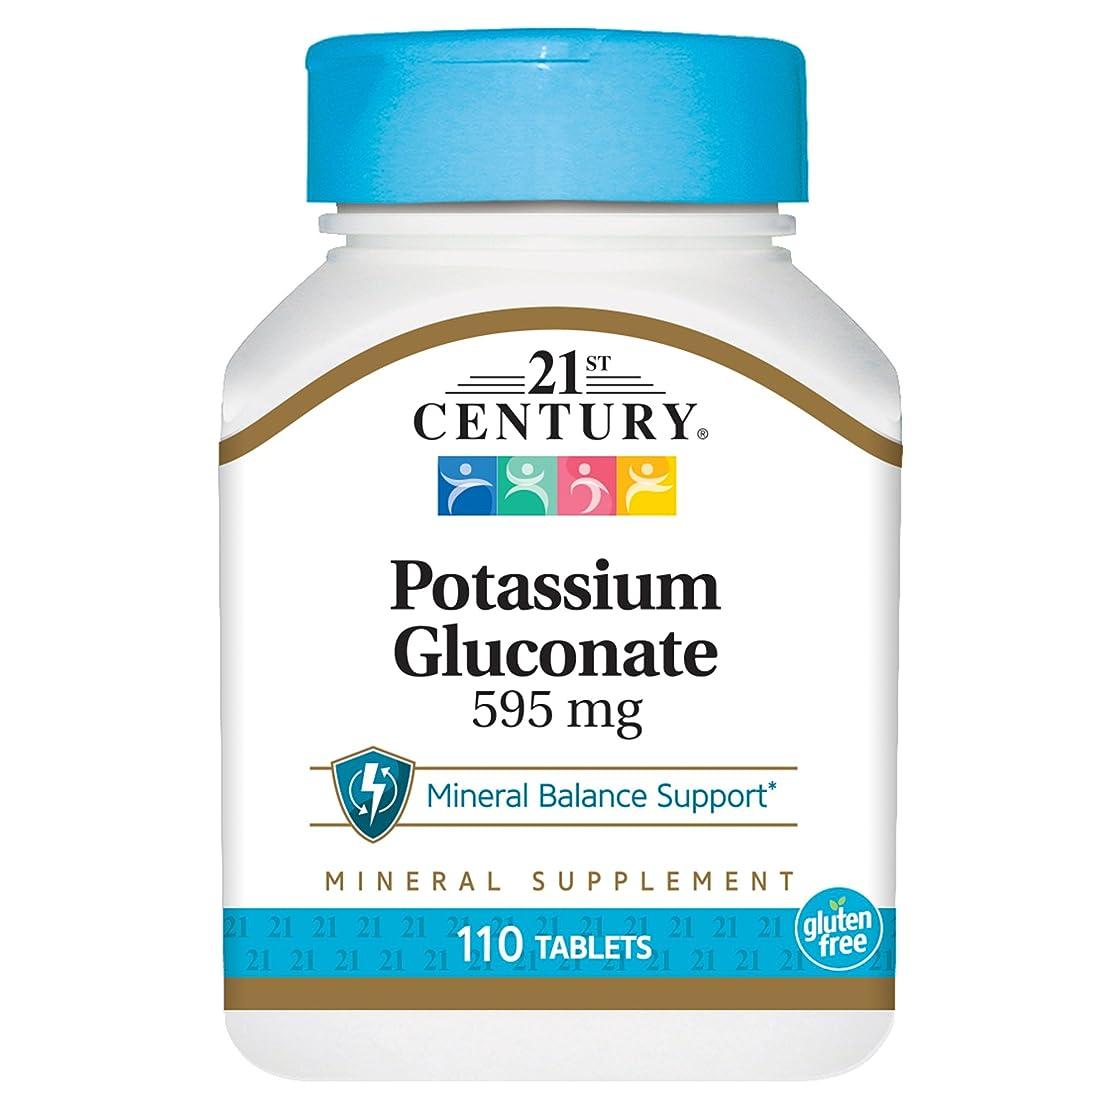 告白する破裂下着21st Century Health Care, Potassium Gluconate, 595 mg, 110 Tablets